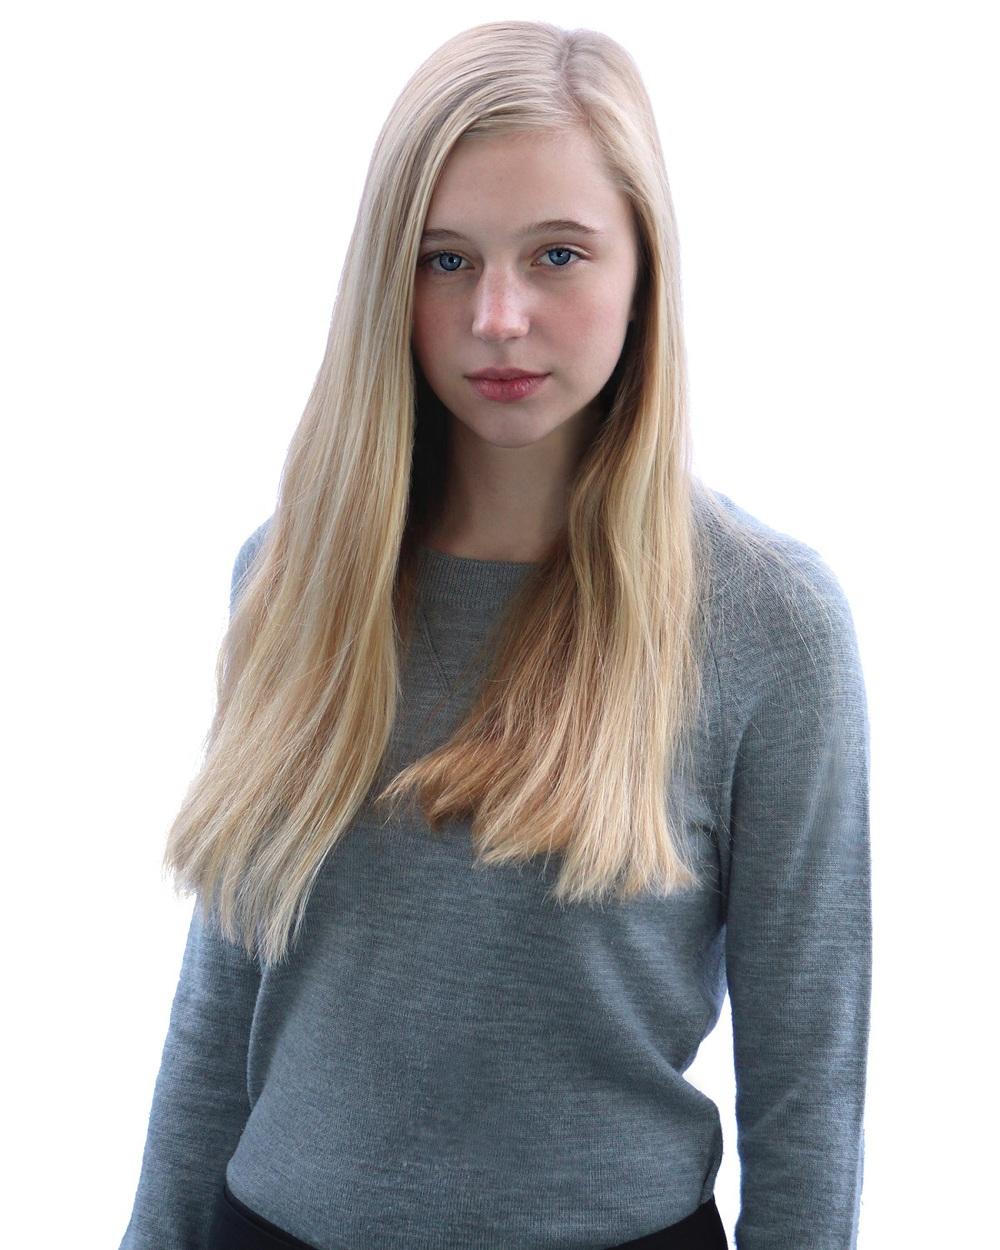 Jessica Flaum by Breanna Baker 6 web.jpg